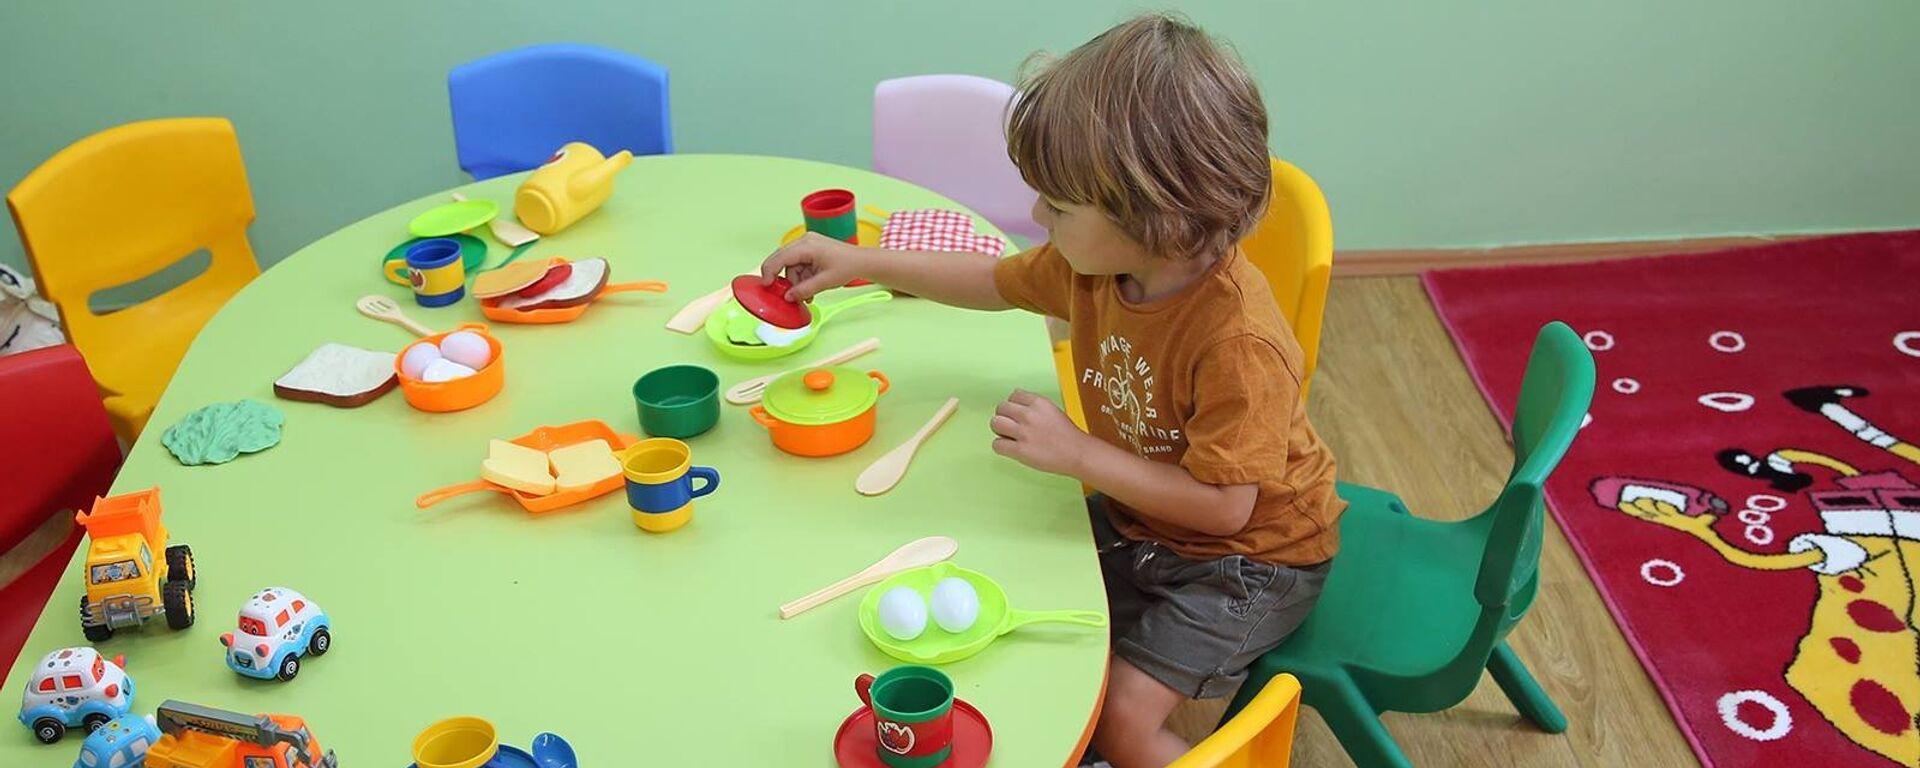 საბავშვო ბაღში - Sputnik საქართველო, 1920, 09.09.2020